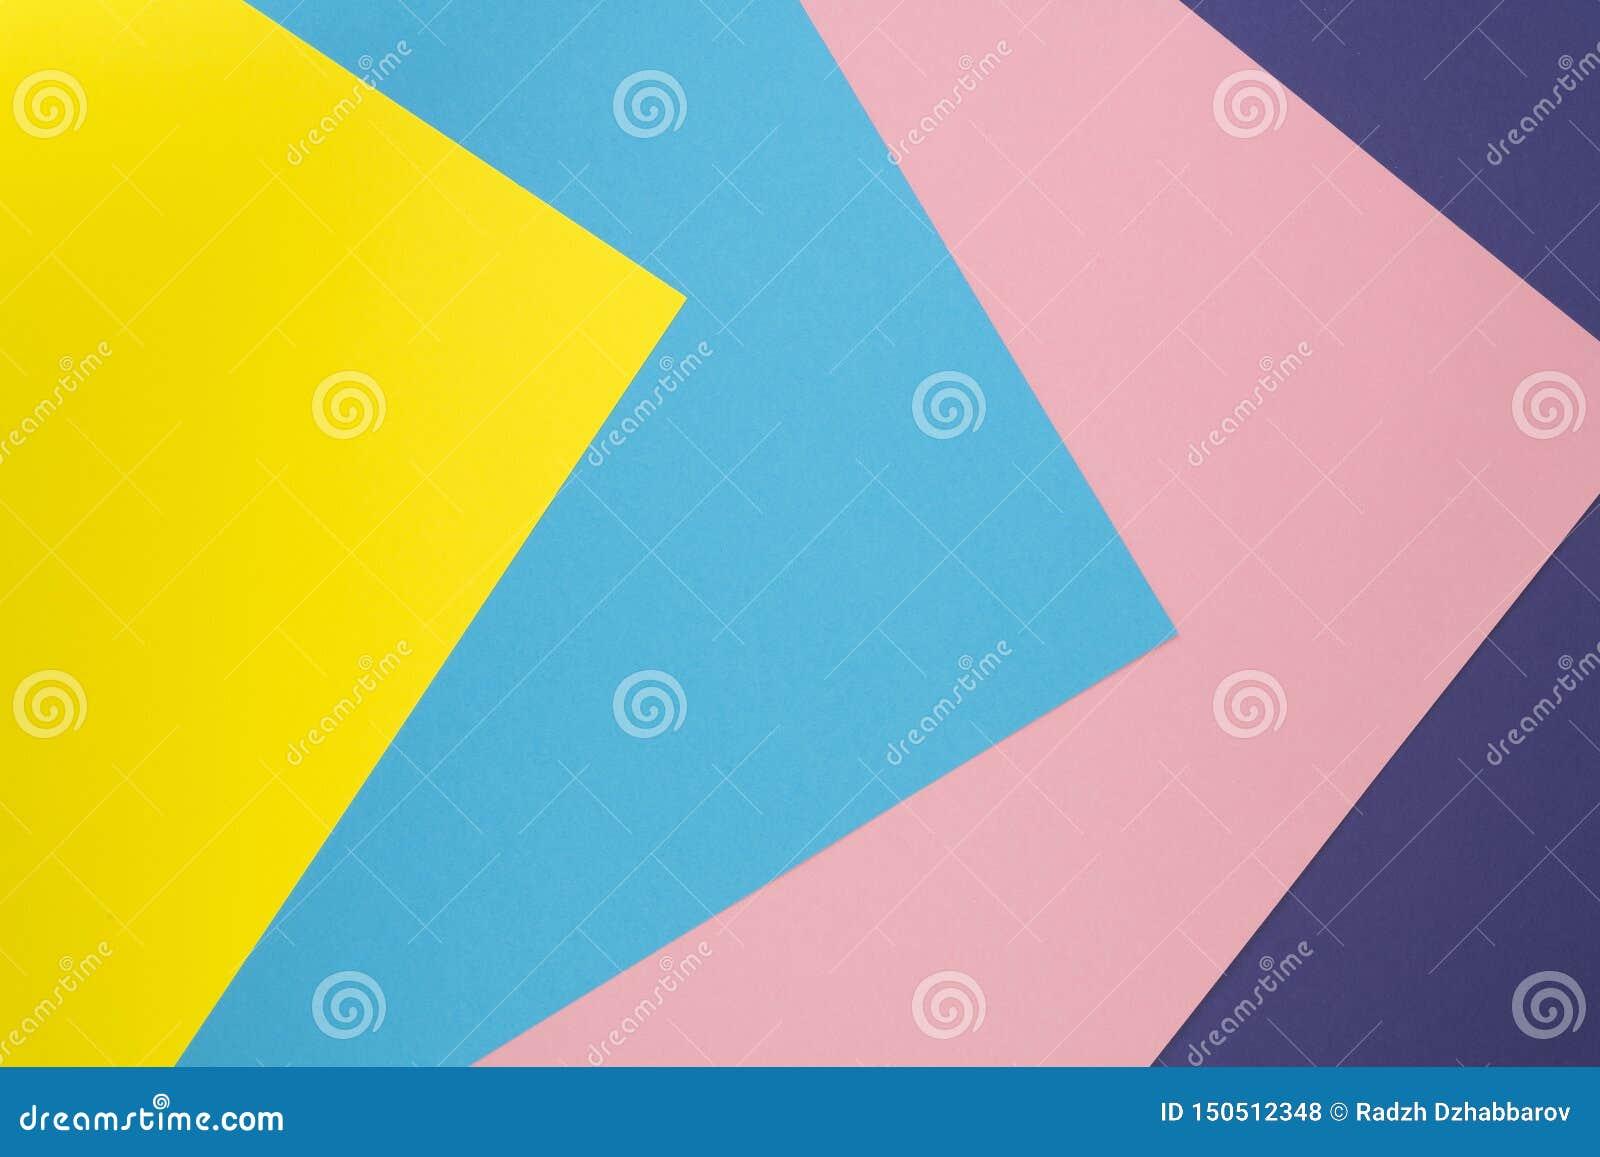 Pastelkleurdocument textuur Vlak leg creatieve geometrische achtergrond Vlak leg